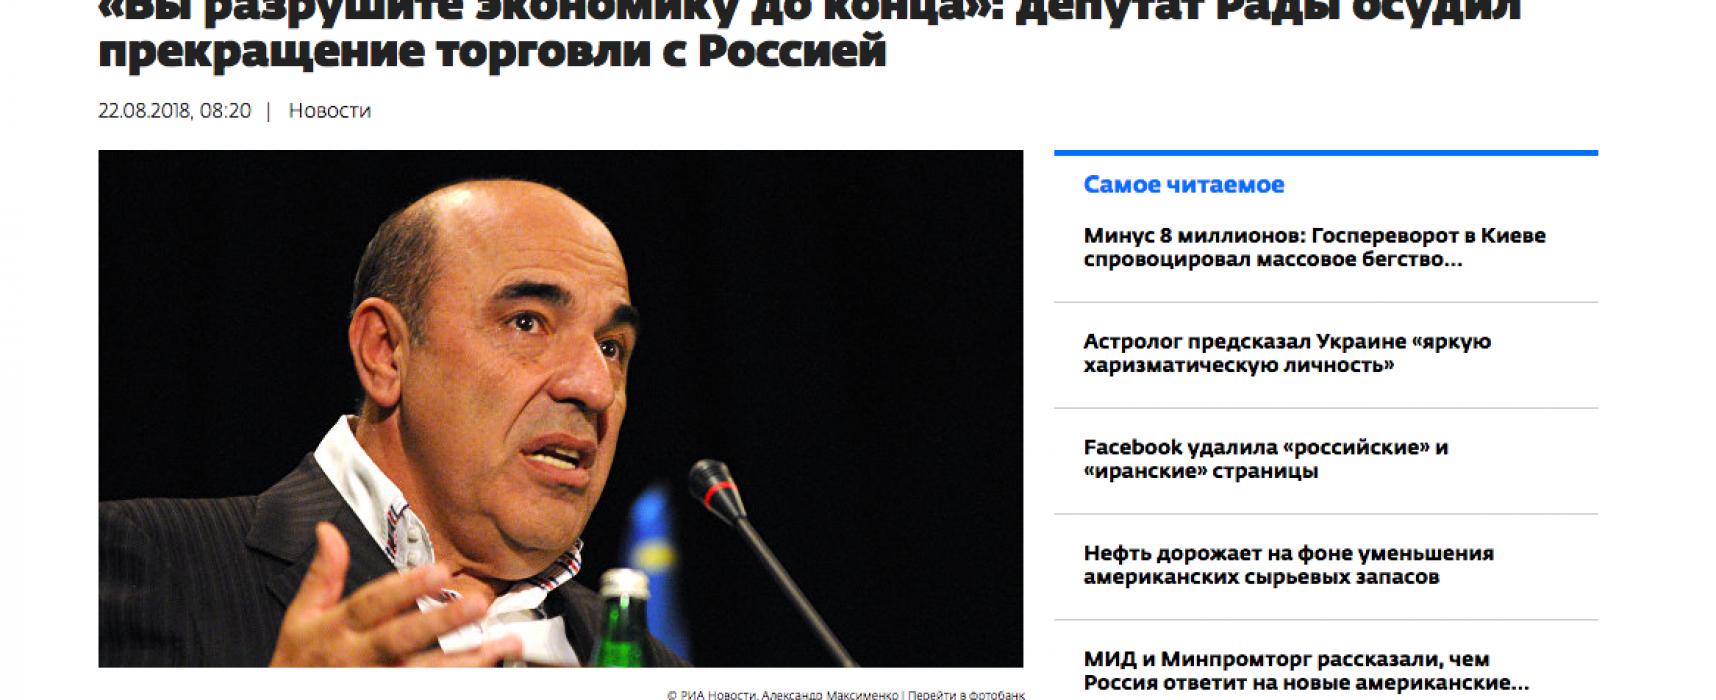 """Фейк: Прекращение торговли с Россией """"убивает"""" экономику Украины"""